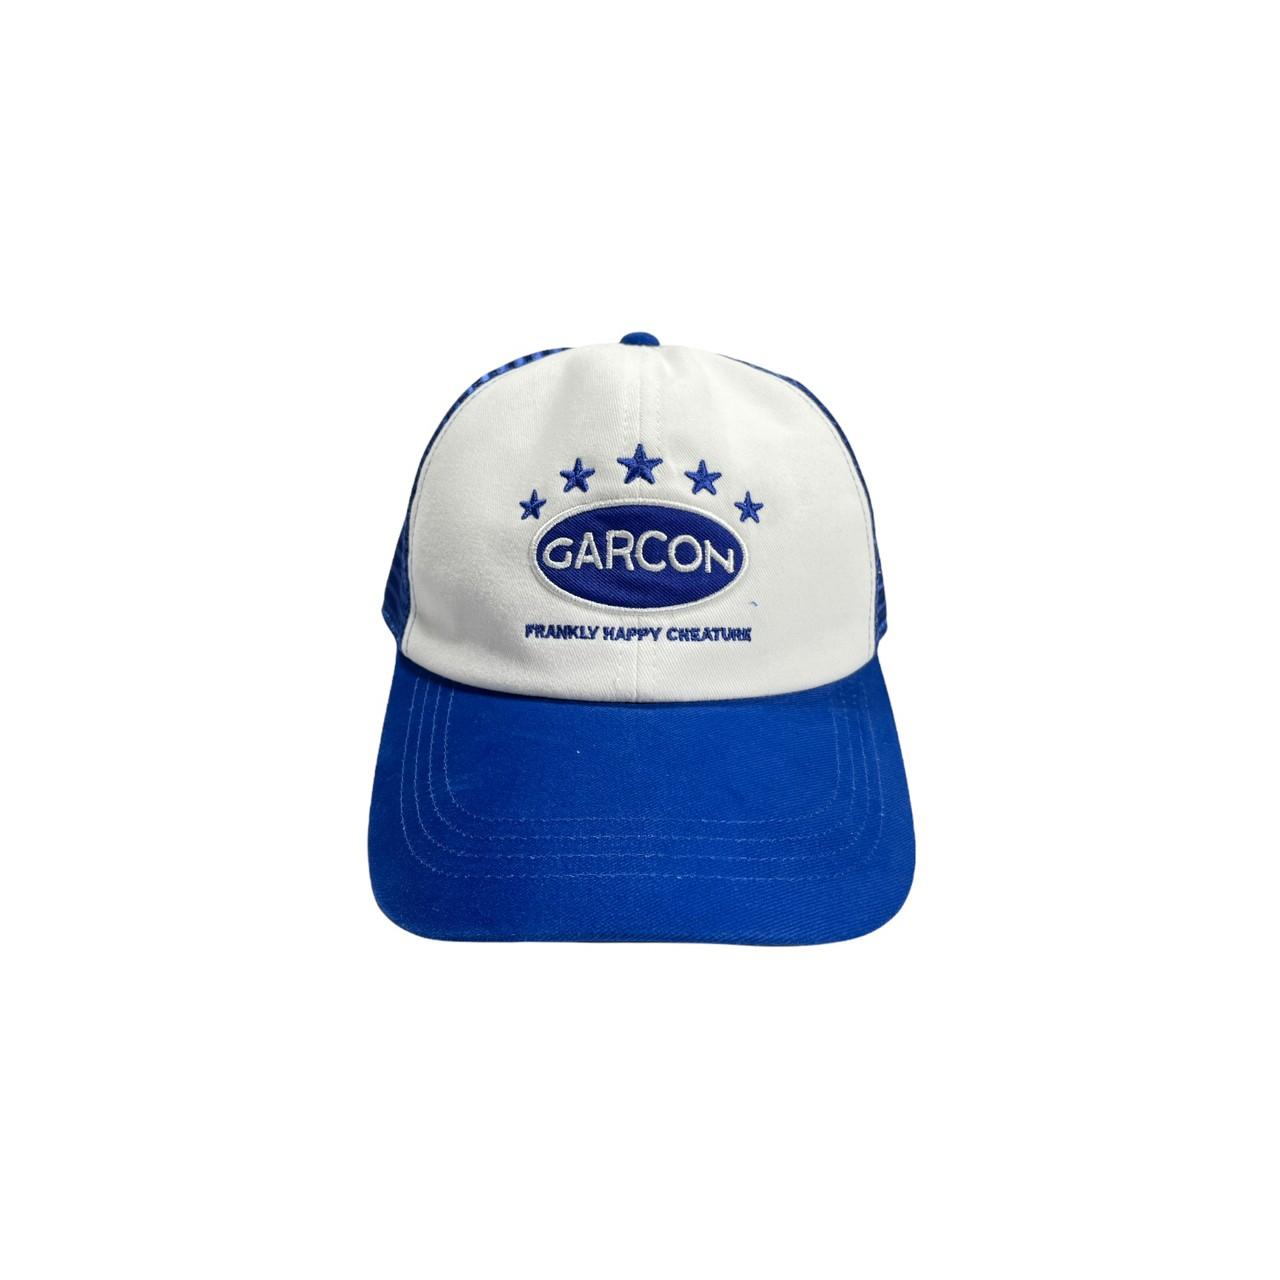 Garcon cap (Happy Creature) Blue